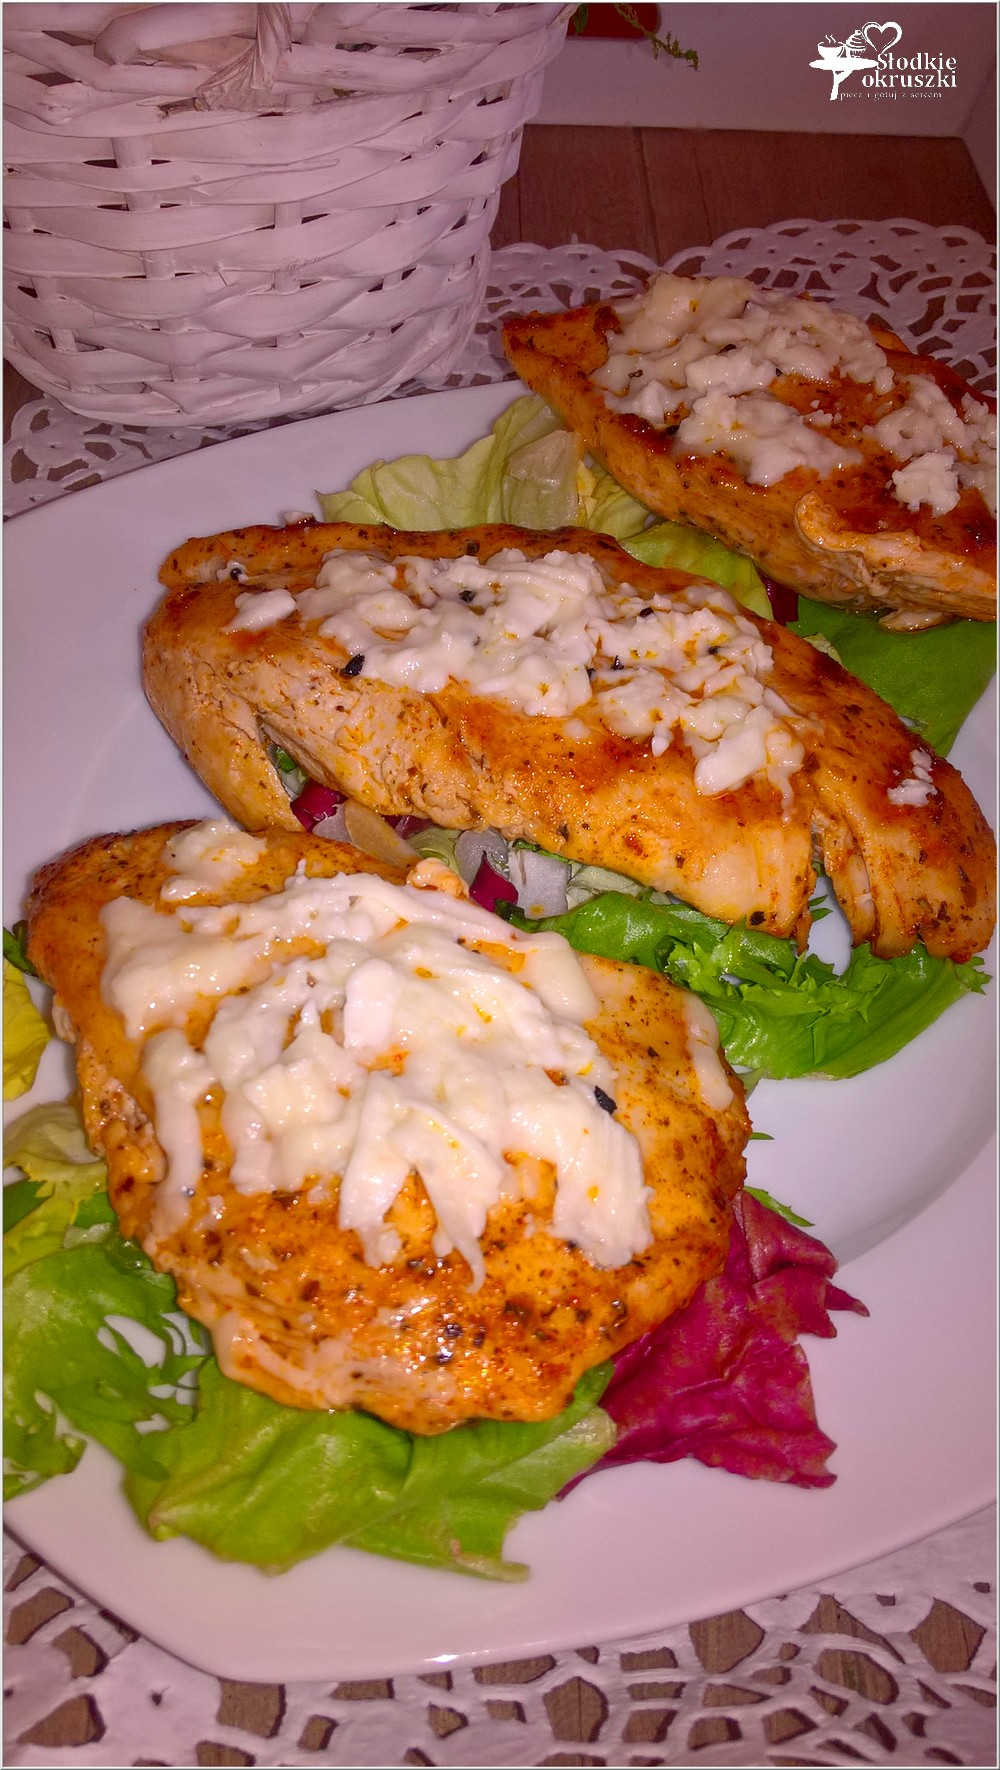 Grillowane piersi z kurczaka z serem korycińskim (4)